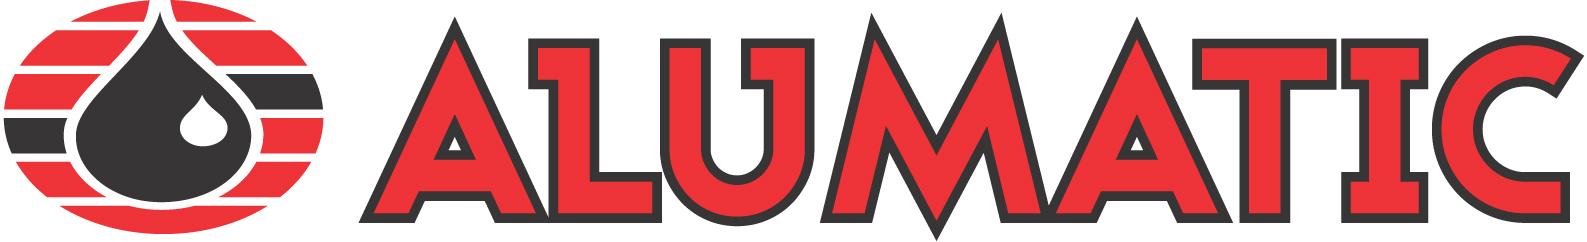 Alumatic logo